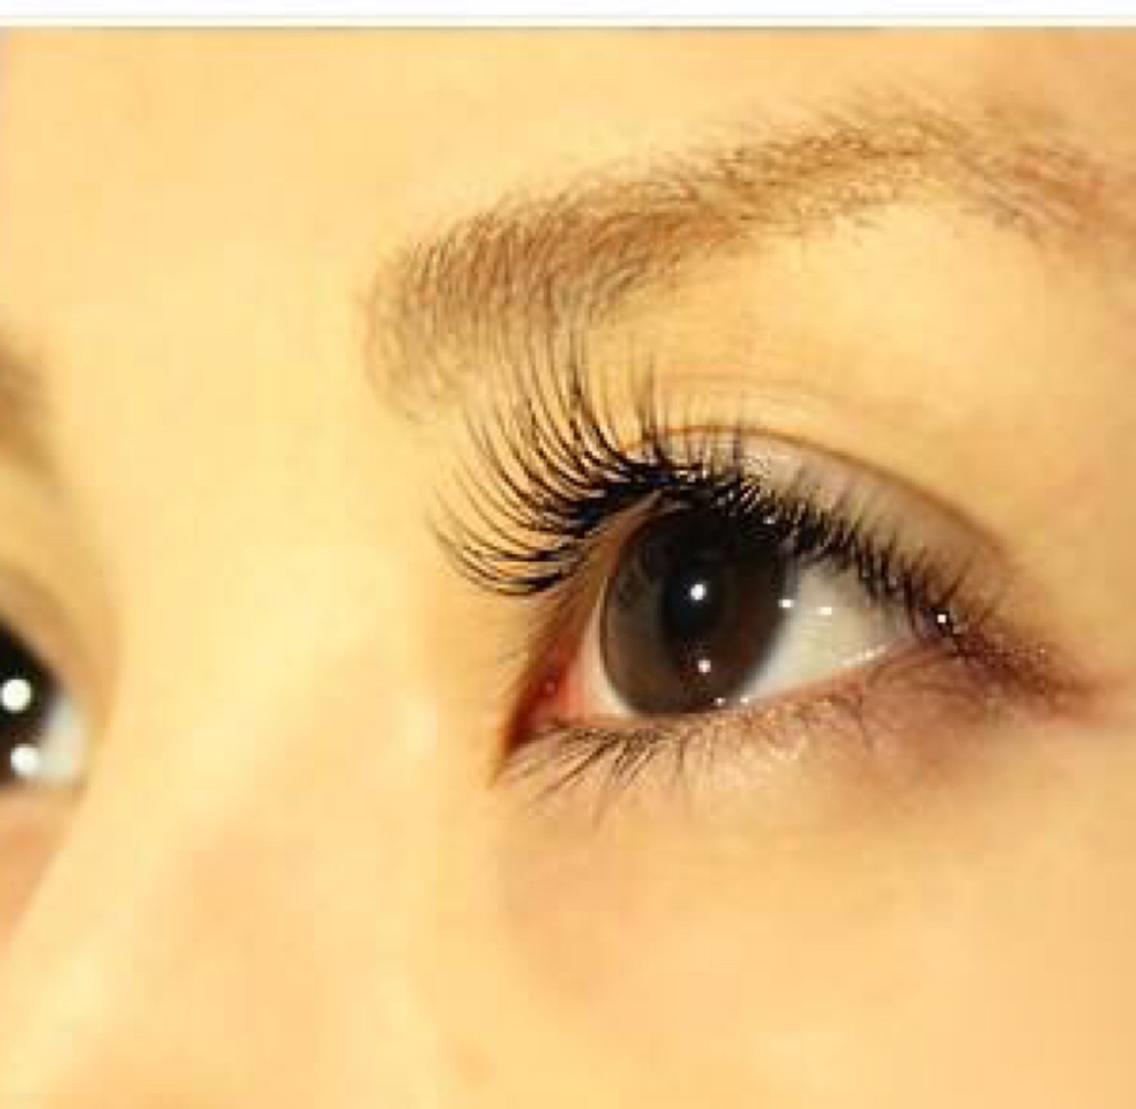 【あなたの眉綺麗ですか??】                                        なりたい眉になれていますか??左右対象の綺麗な眉を体感してみませんか♪